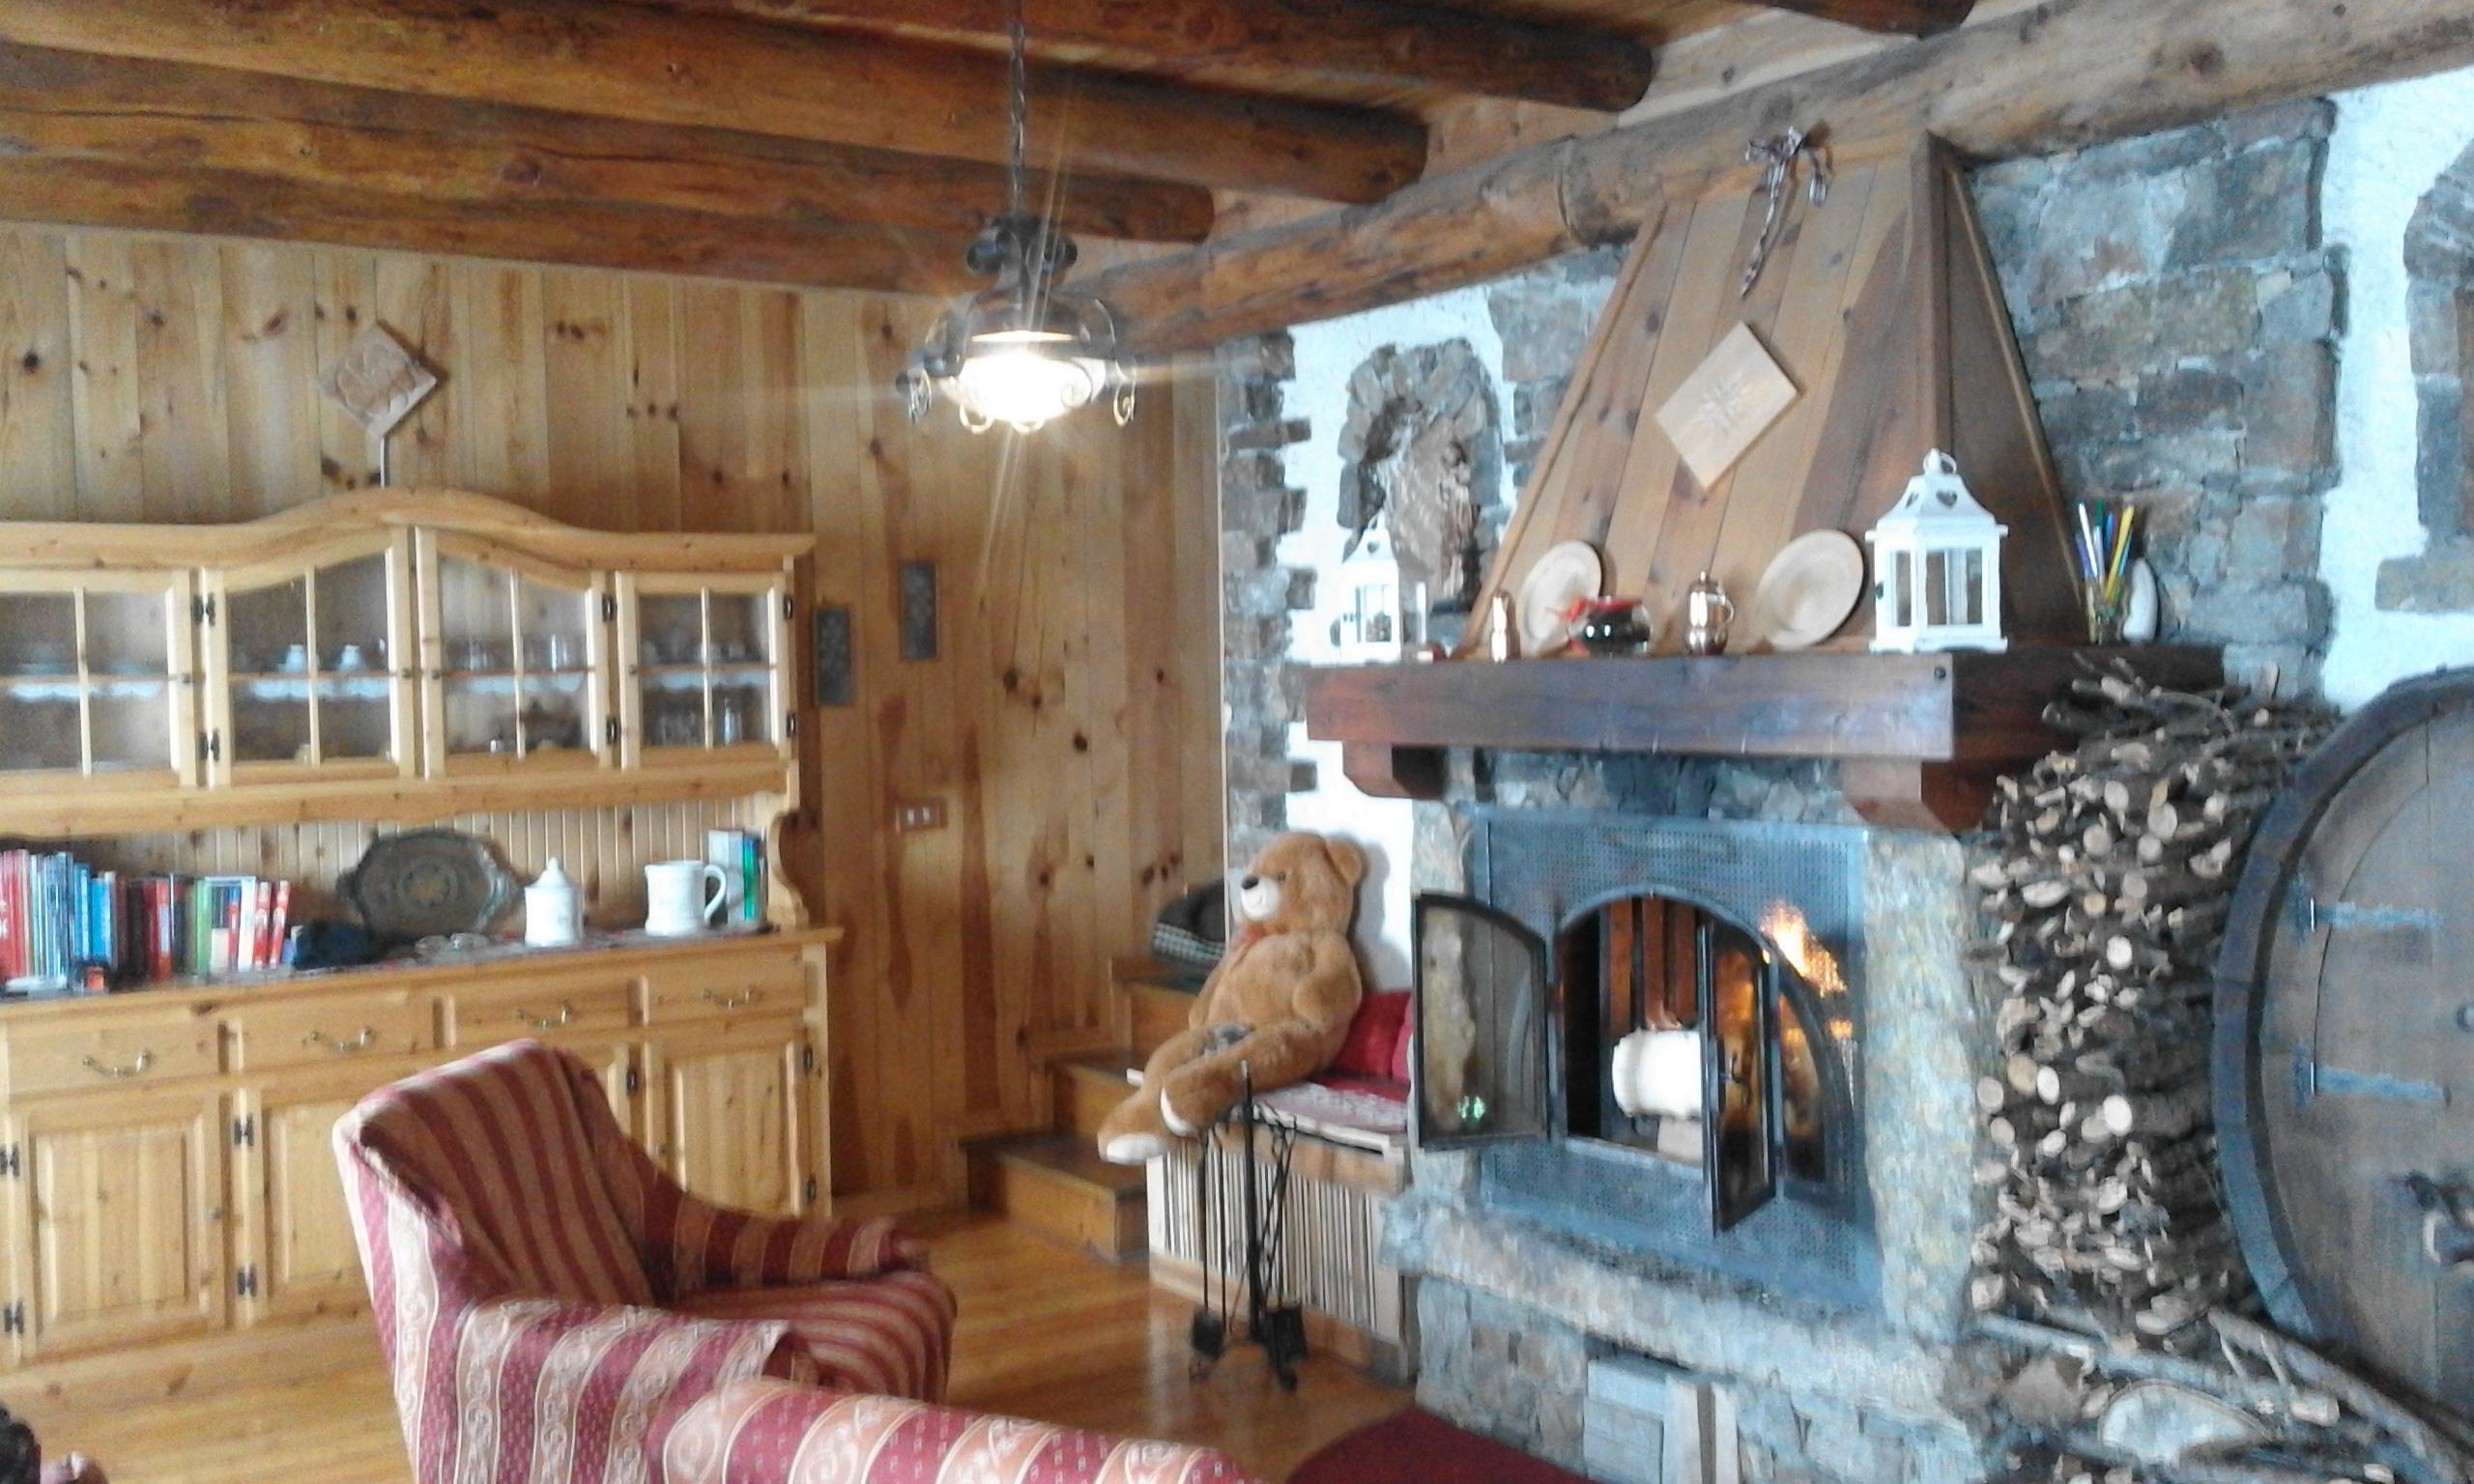 L'esempio arriva dalle alpi svizzere, da un piccolo villaggio di montagna. Baita Di Montagna Di Valtellina Houses For Rent In Prato Valentino Lombardia Italy